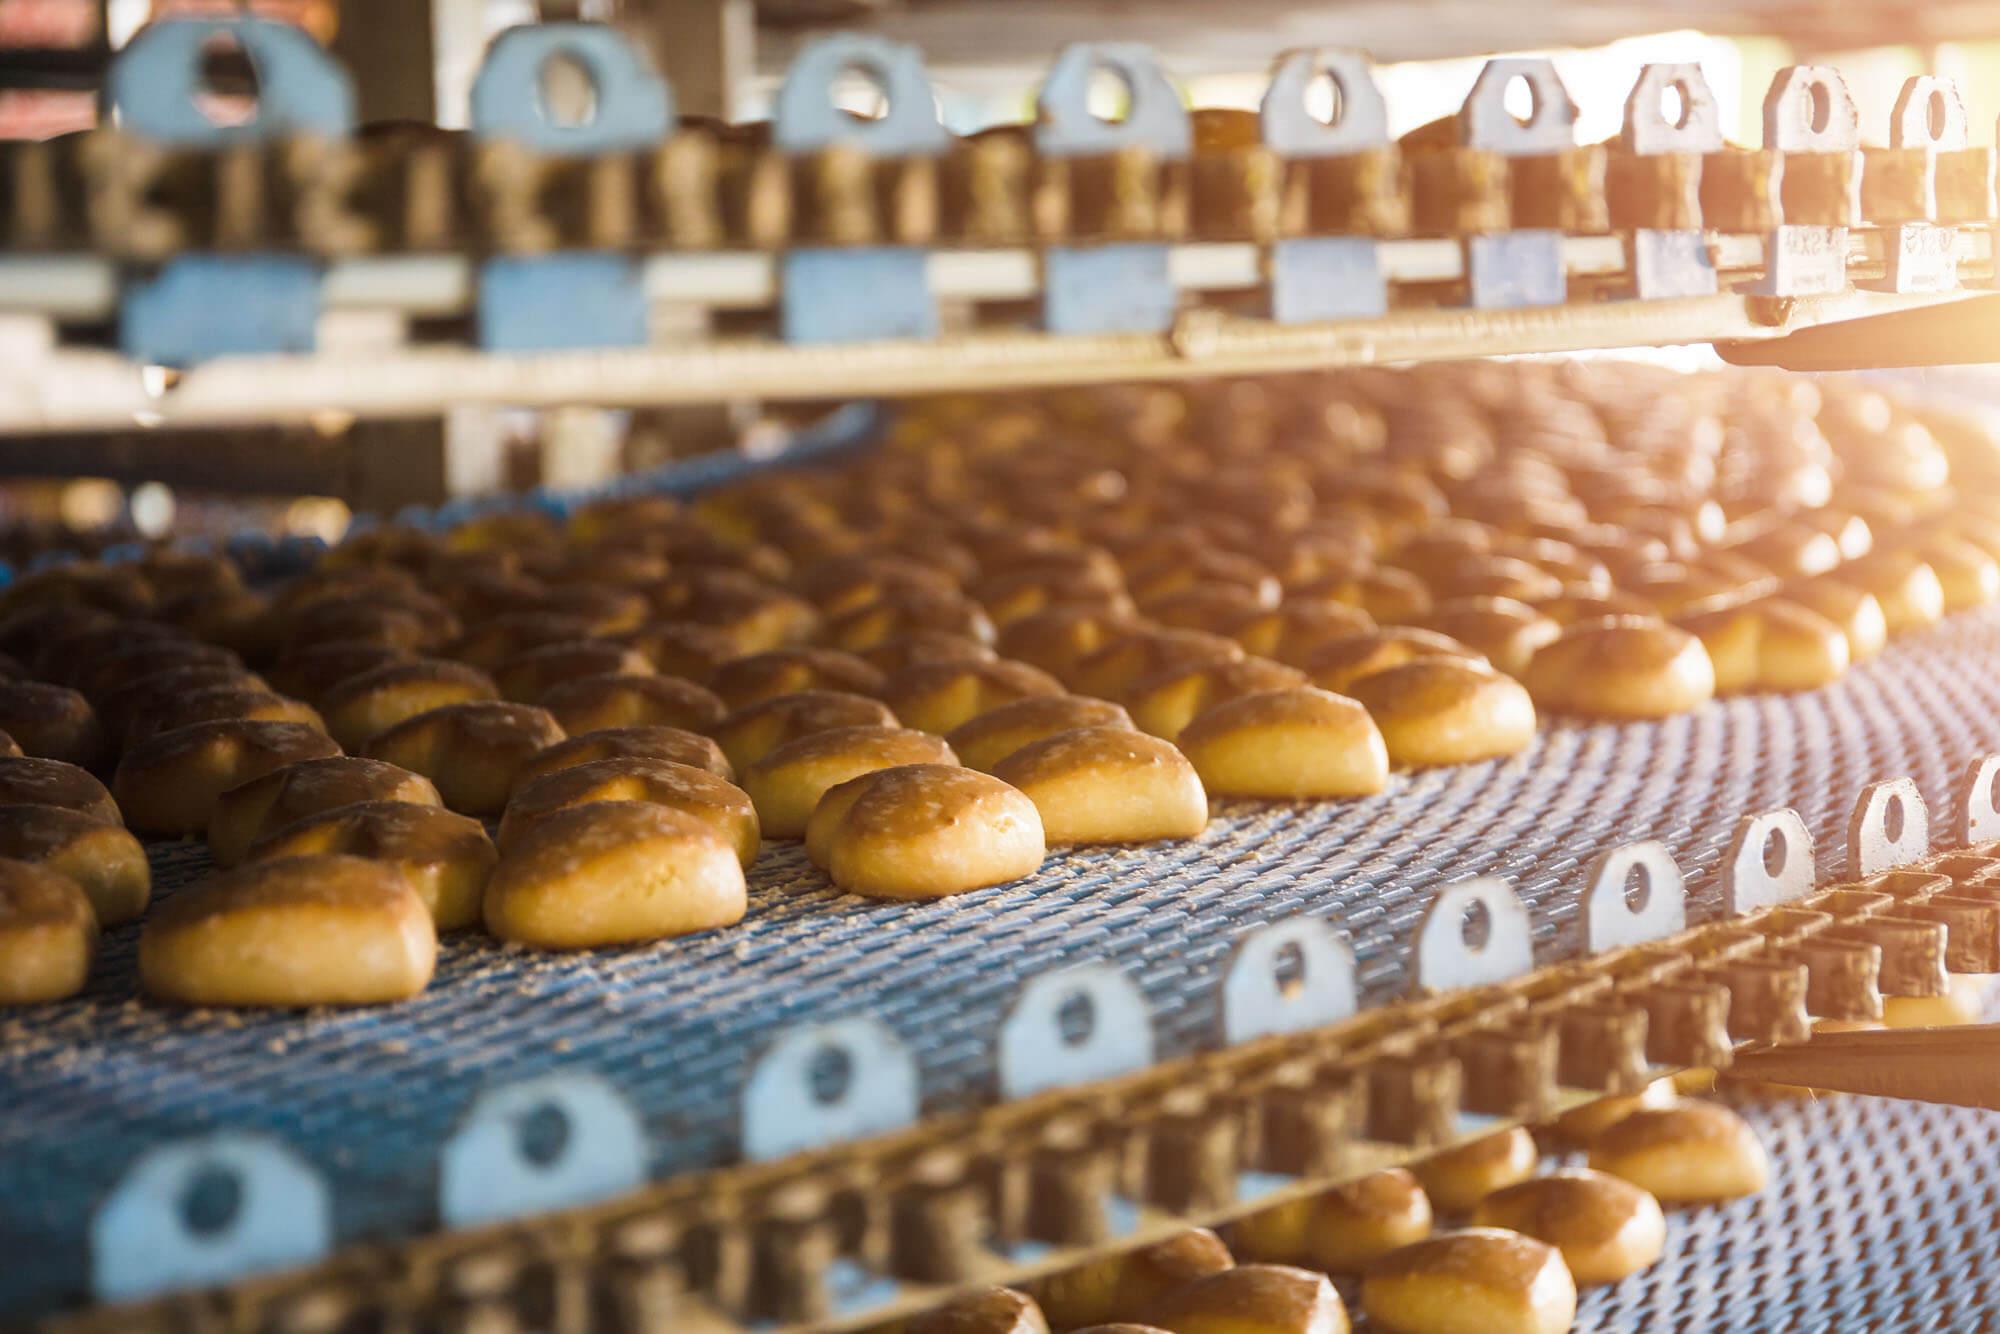 KPM Analytics Baked Bread